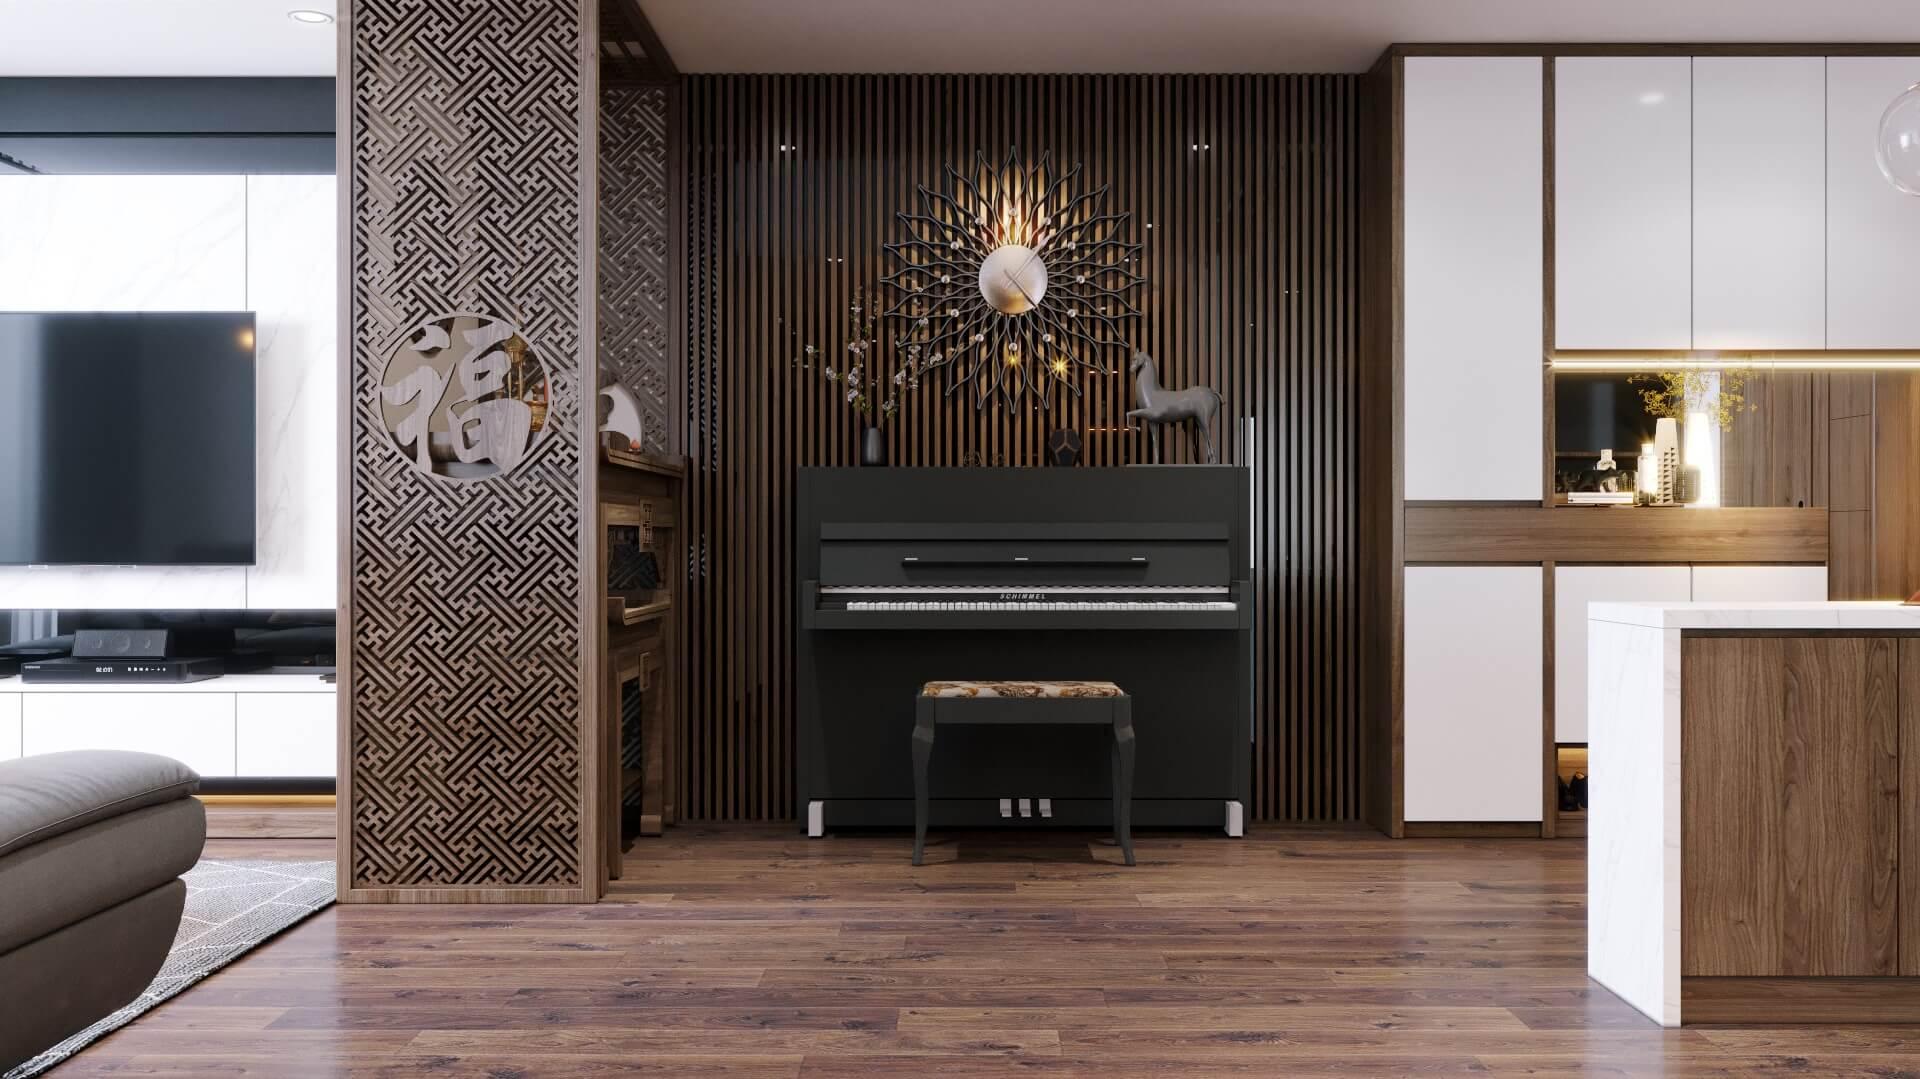 Vách ốp nan gỗ và vách cnc phòng thờ tạo nên một điểm nhấn cho phòng khách